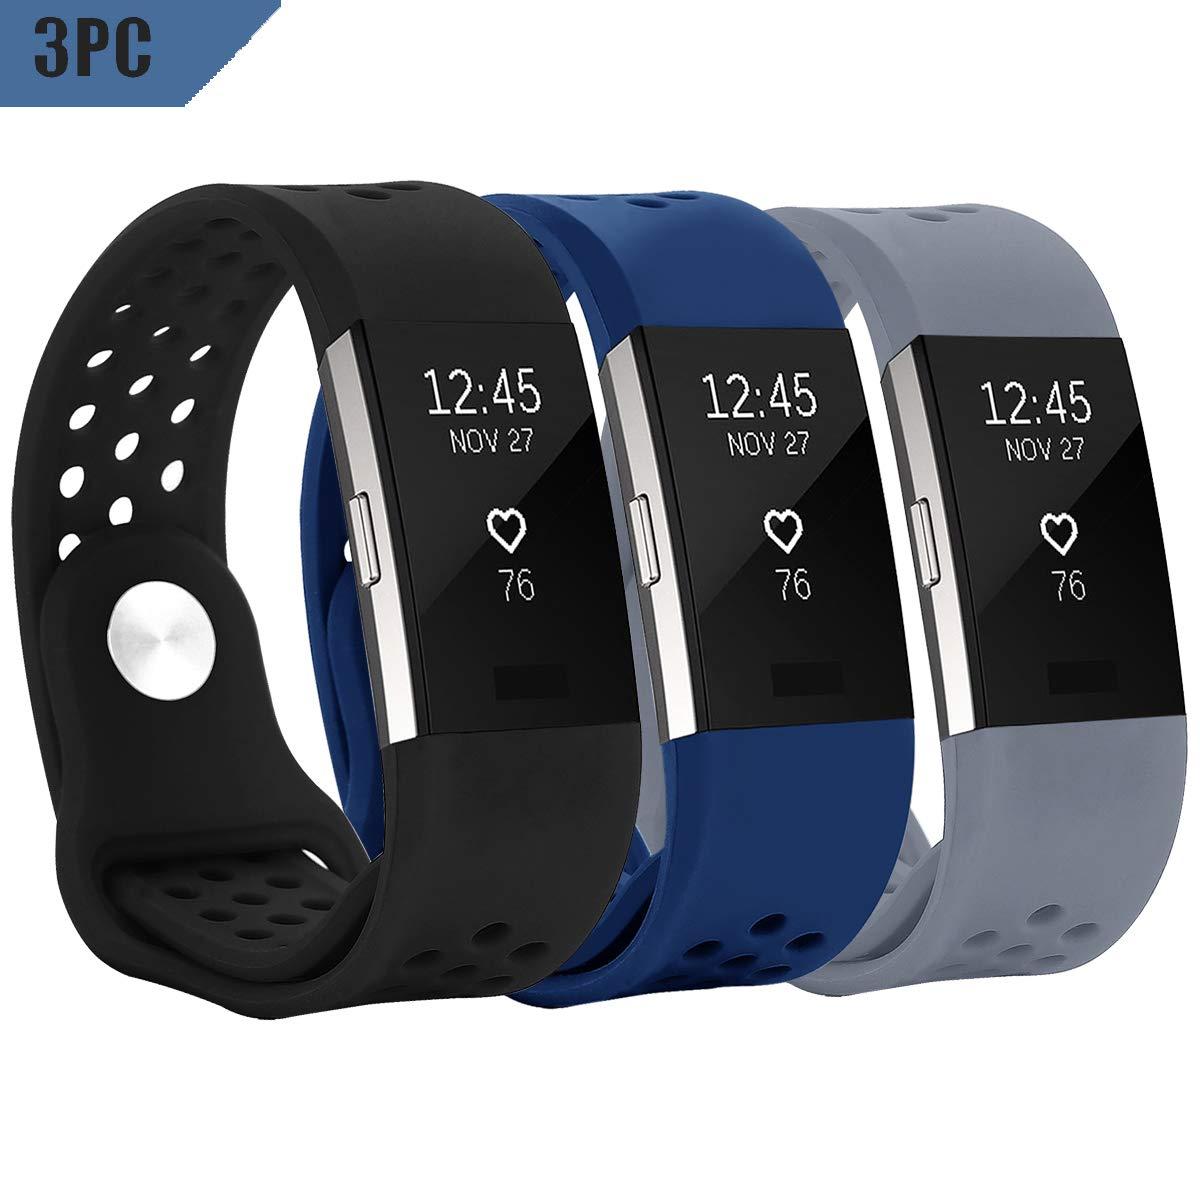 Yometome Fitbit Charge 2 Cinturino, Charge2 Wrist Cinturino Morbido Silicone Sostituzione Regolabile Sport Della Fascia Della Cinghia Smartwatch Cardiaca Fitness Wristband per Fitbit Charge 2